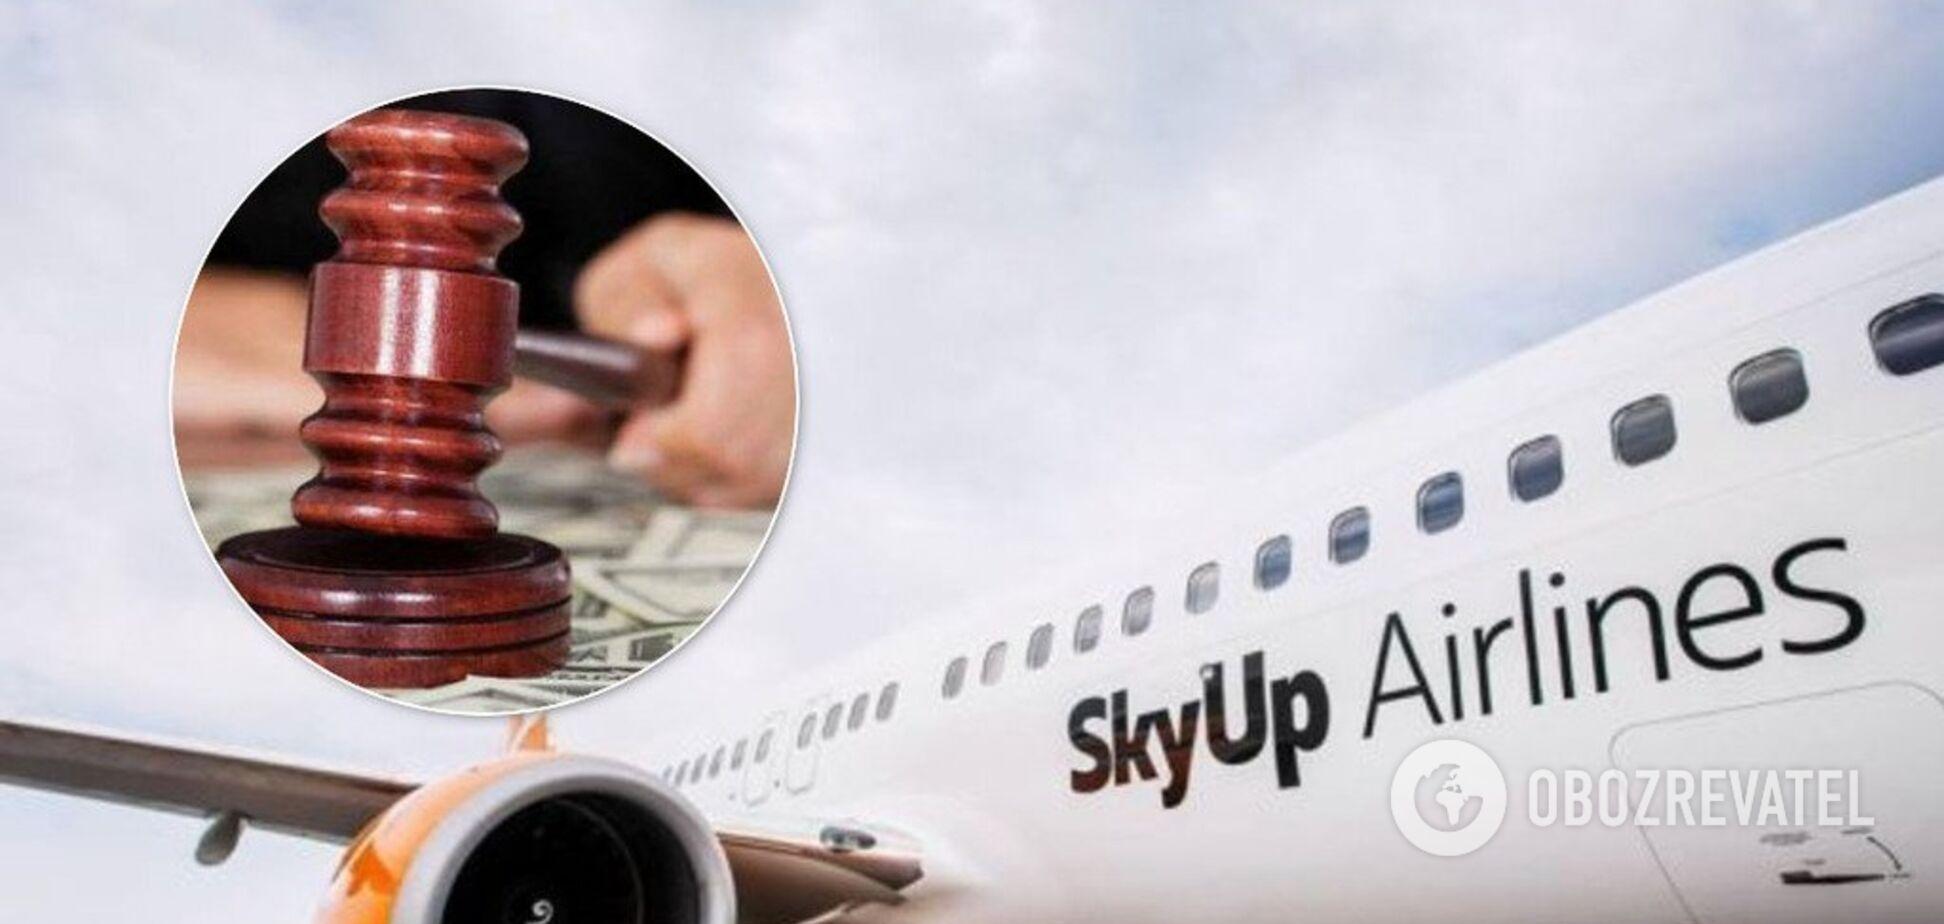 Крупный землевладелец, провалила экзамен: скандальные факты о судье, 'запретившей' SkyUp